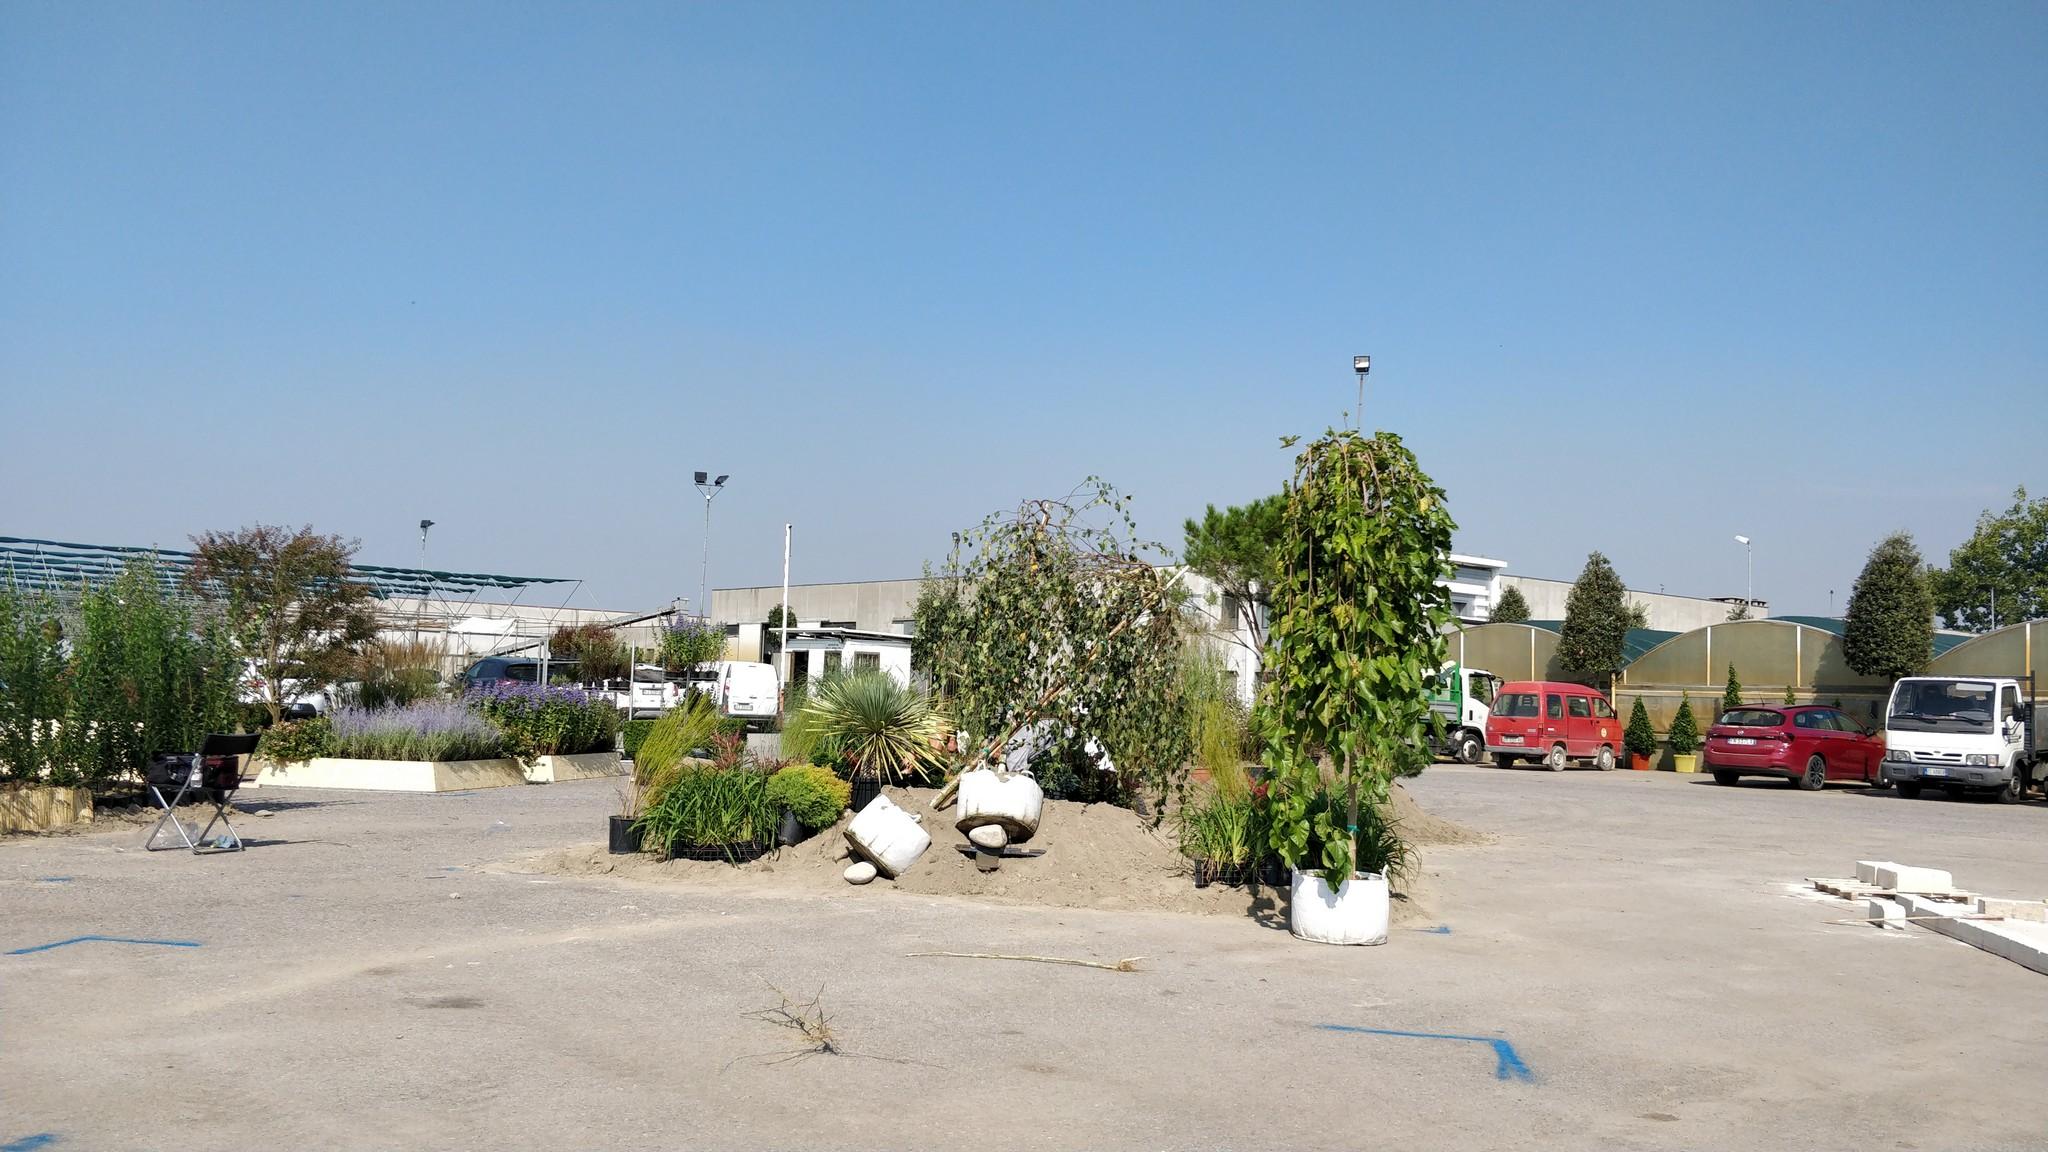 Concorso giardini Verdeggiando_14 NAUTILUS (DL4X4) Davide Cerruto – Walter Coccia – Emanuela Missanelli – Daniela Colombara